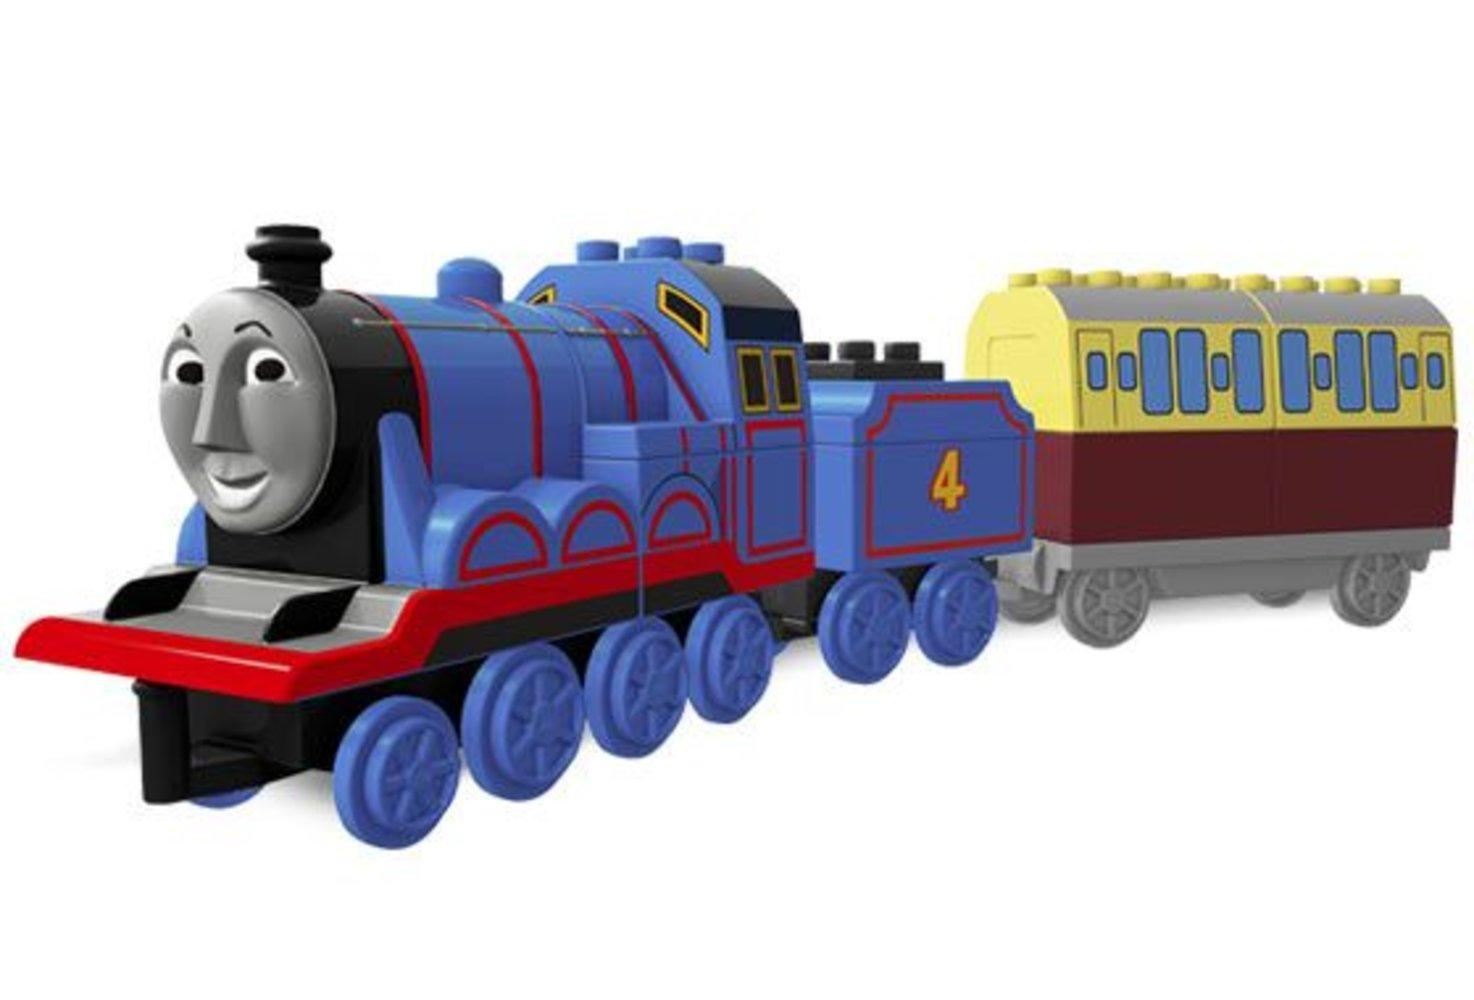 Gordon's Express